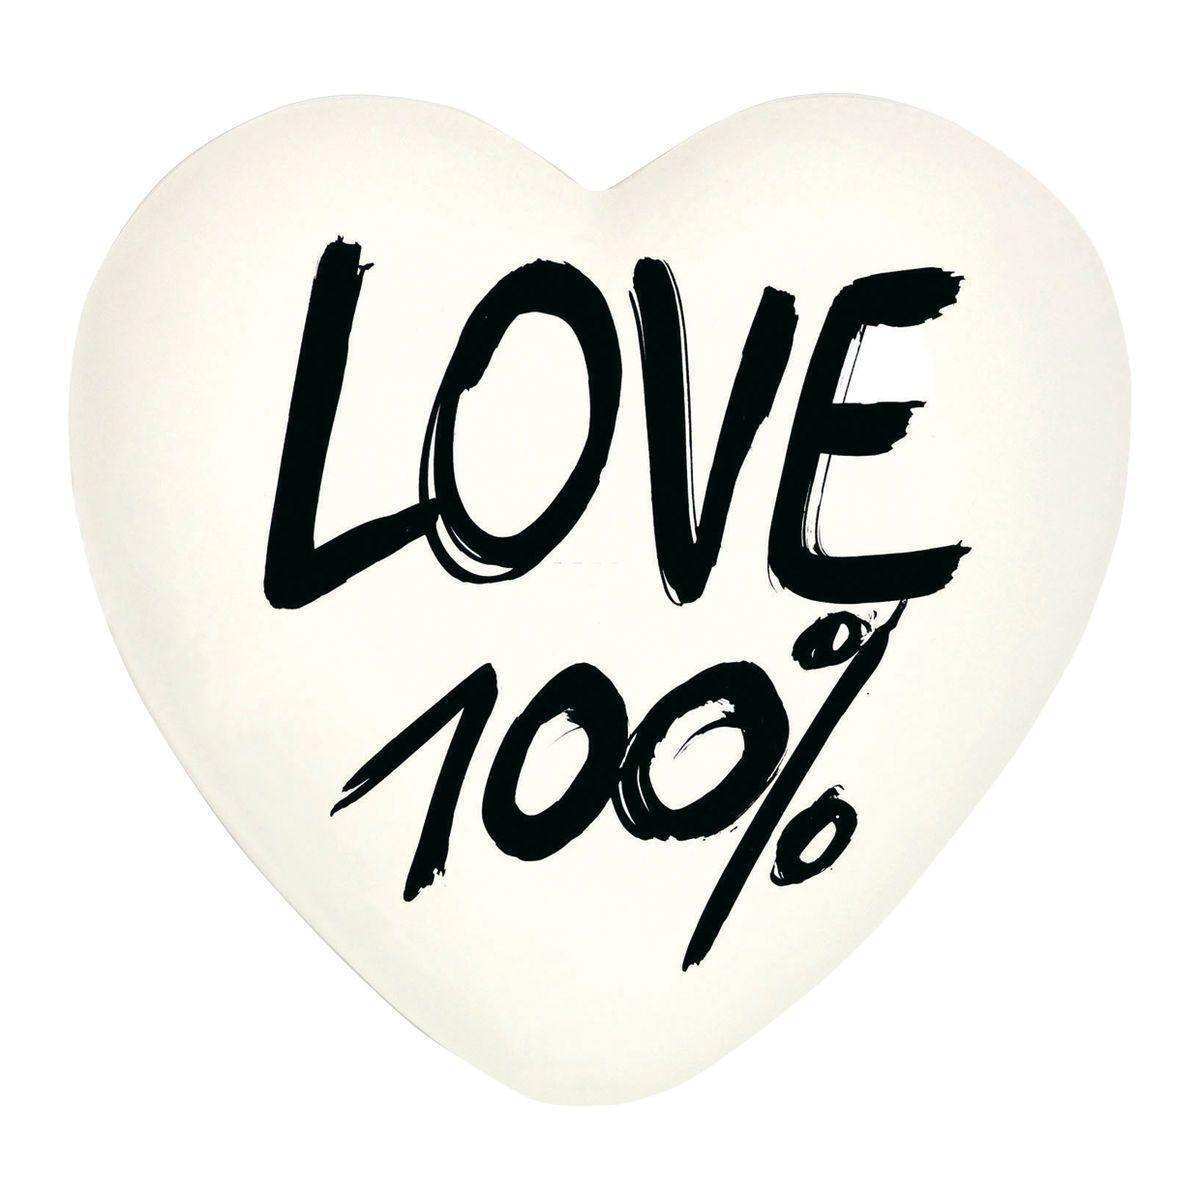 Heartgallery cuore ceramica 100 love CUO10 fronte sq